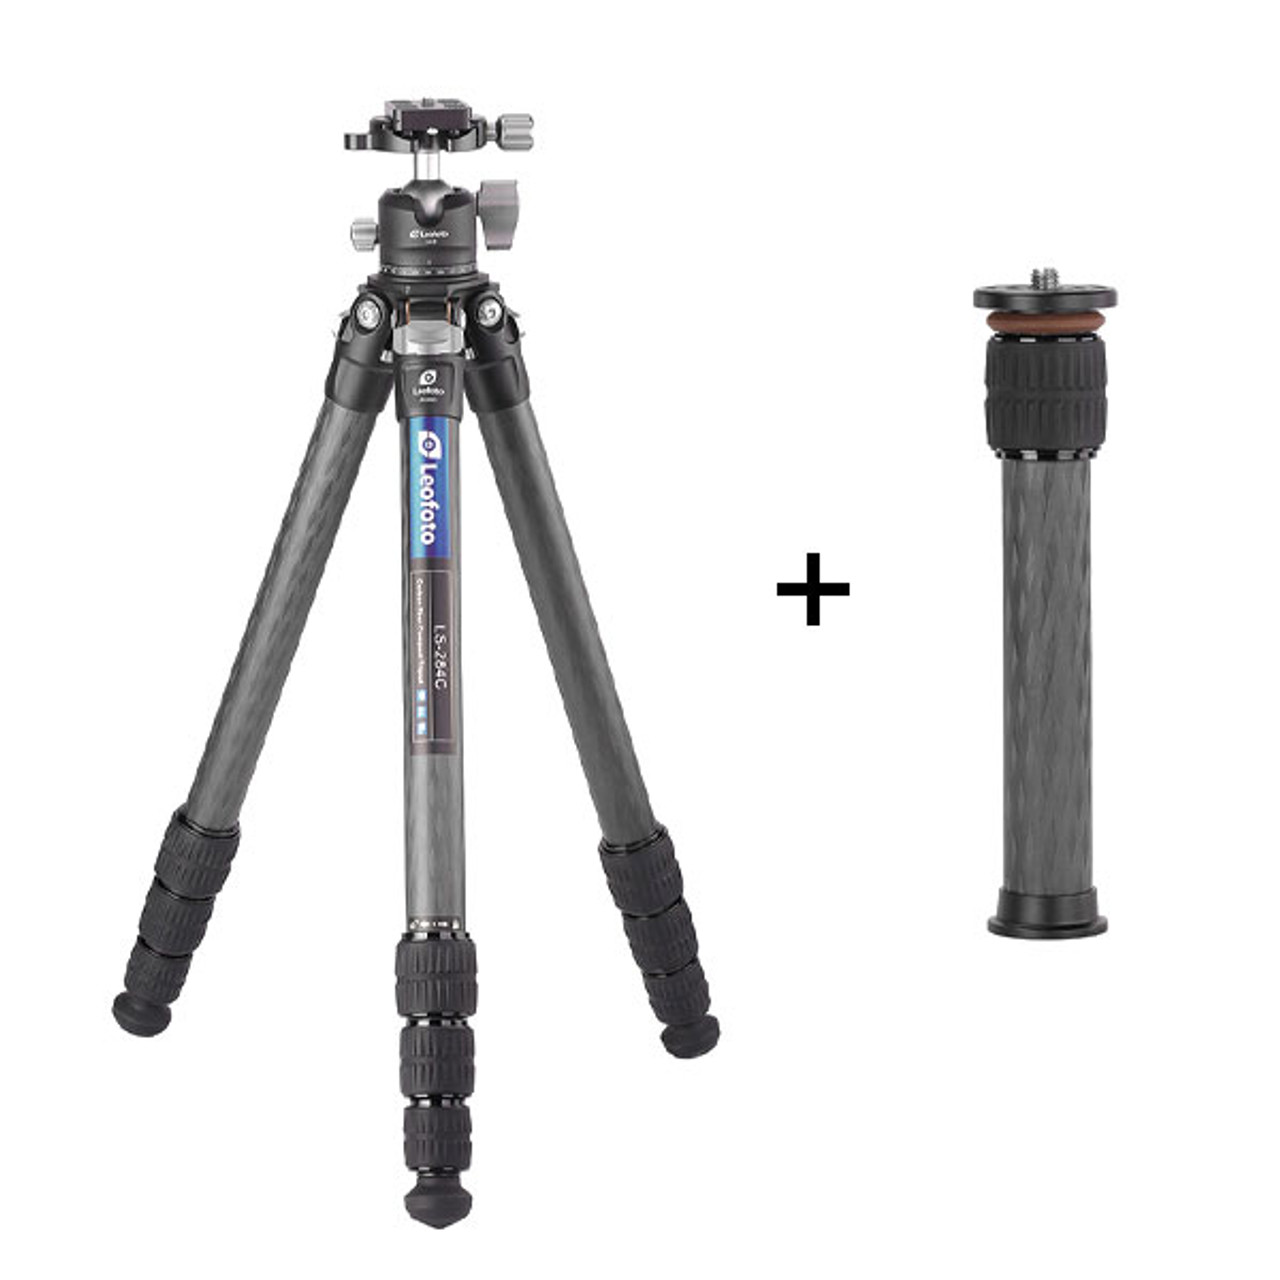 Leofoto LS-284C+LH-30 28mm 4-Section Carbon Fiber with LH-30 Ball Head & Centre Column